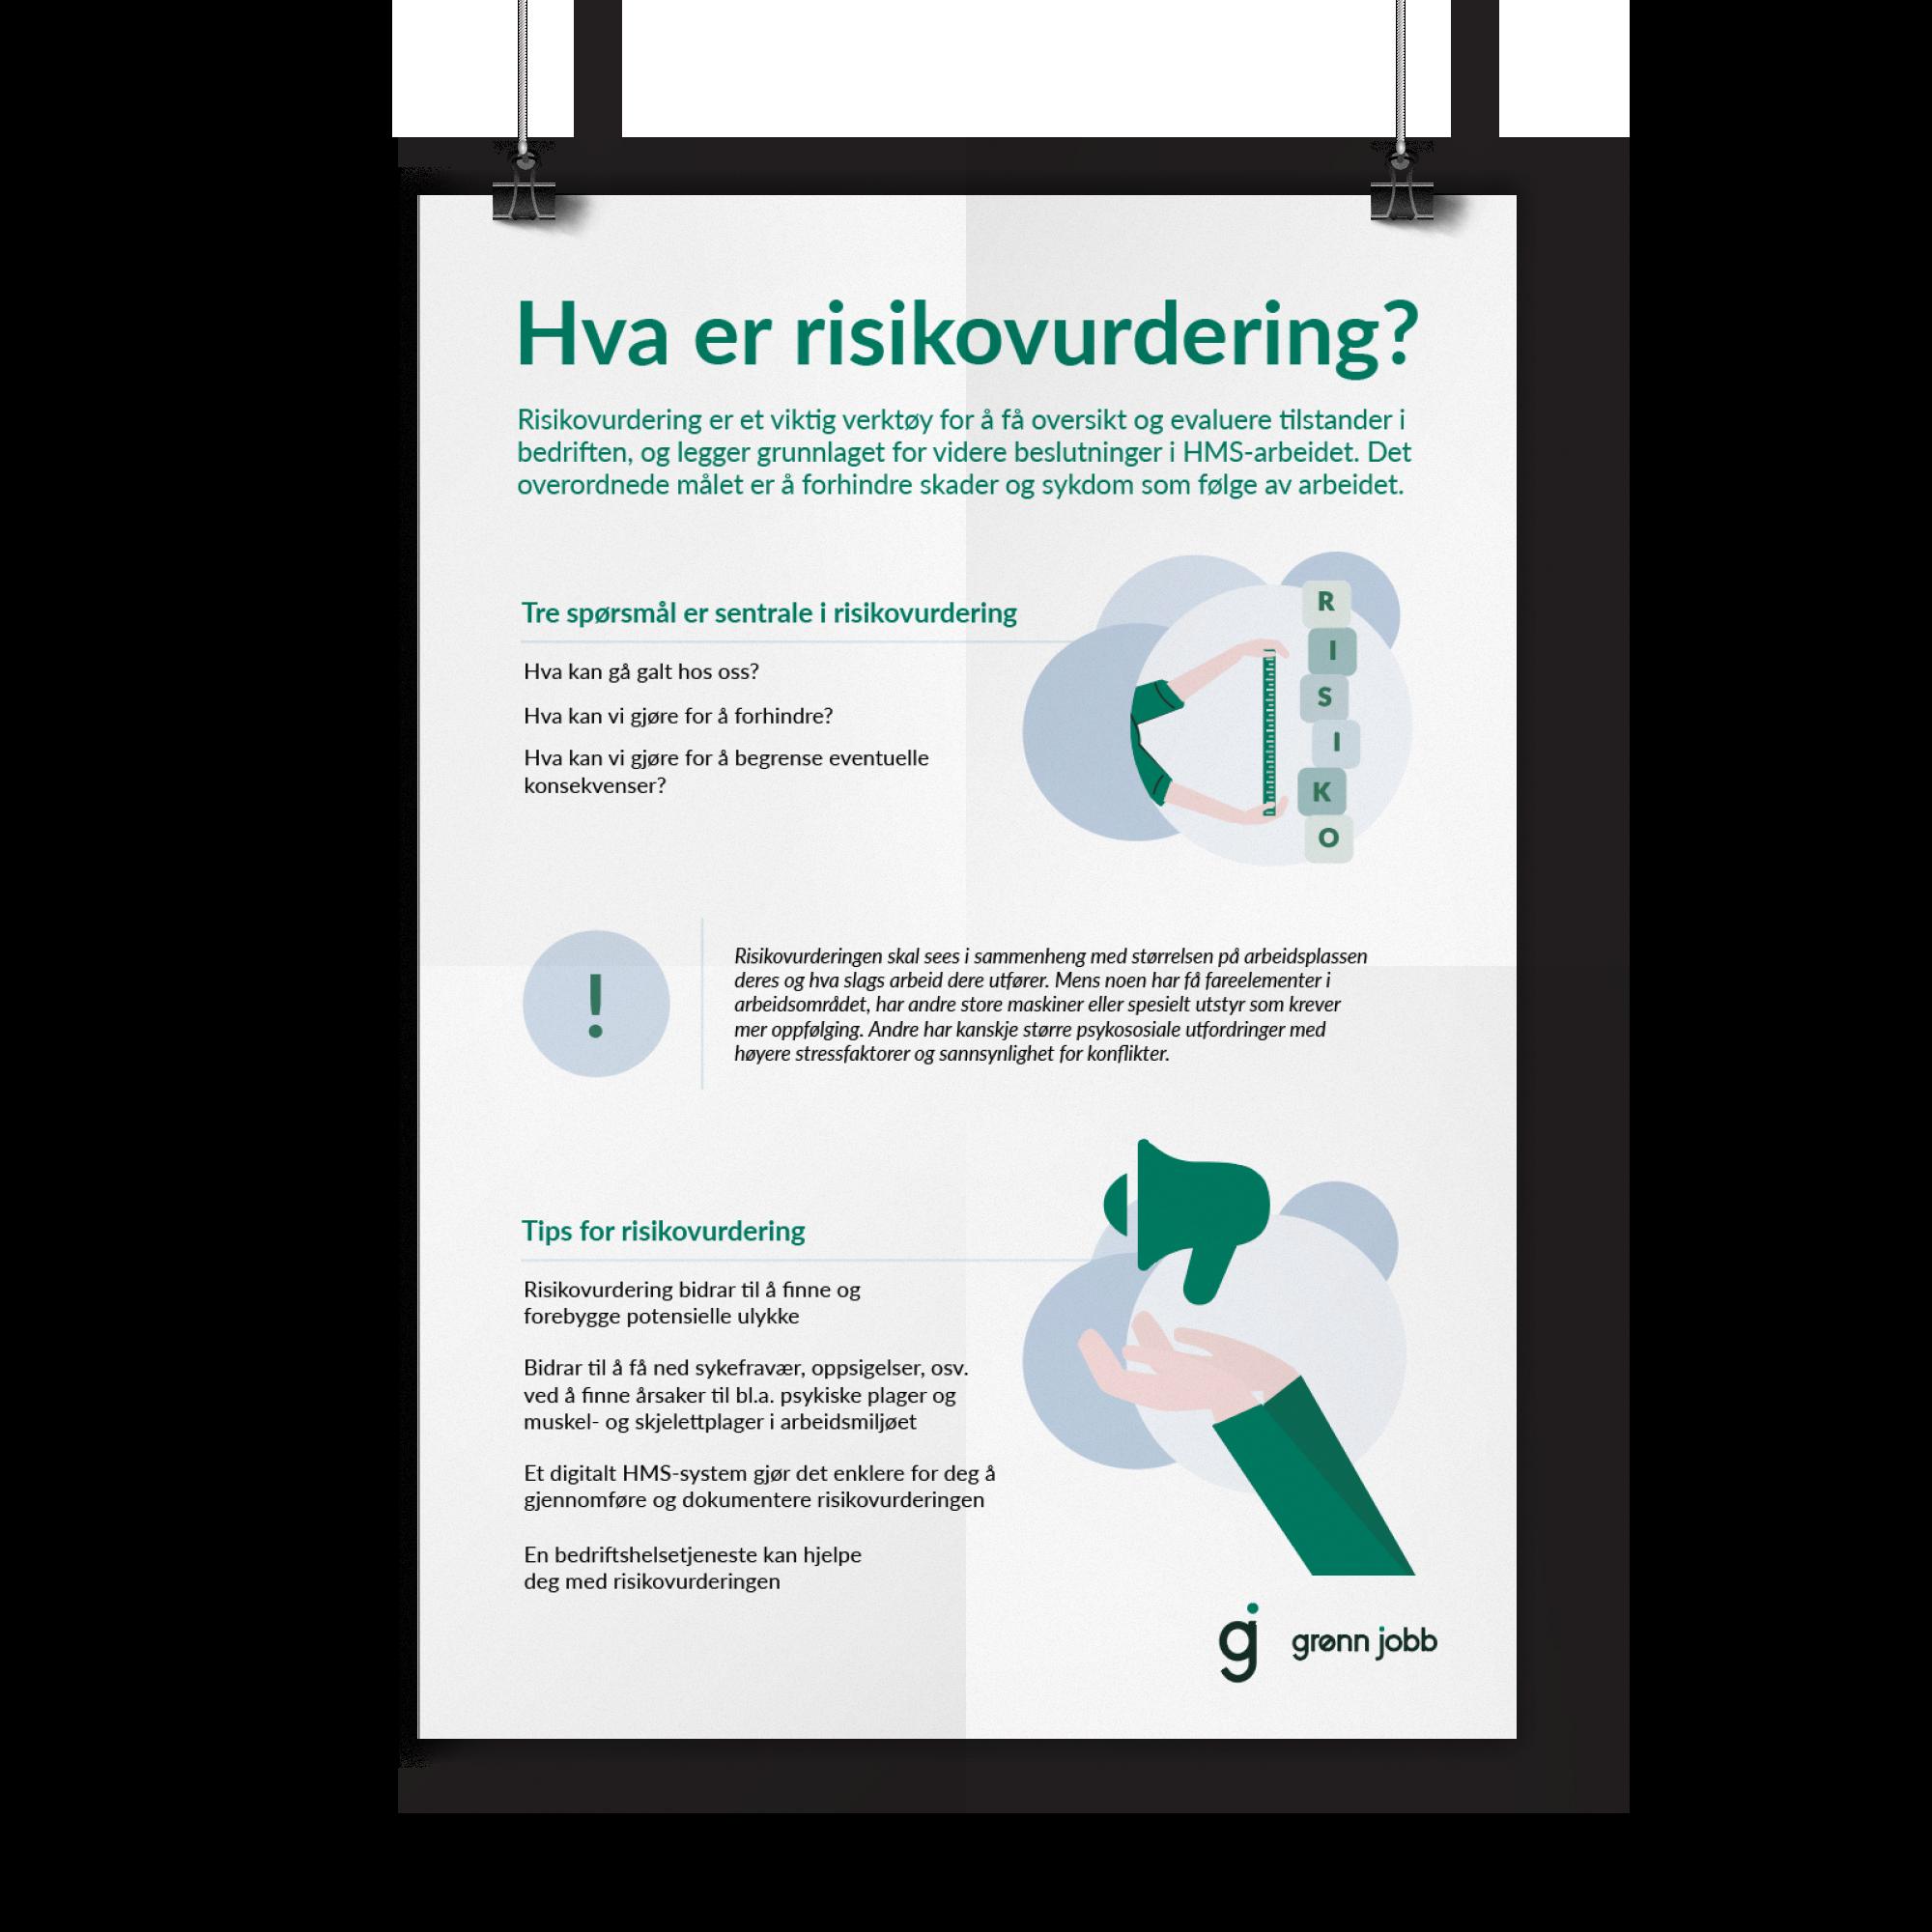 risikovurdering_skisse_innholdsdesign